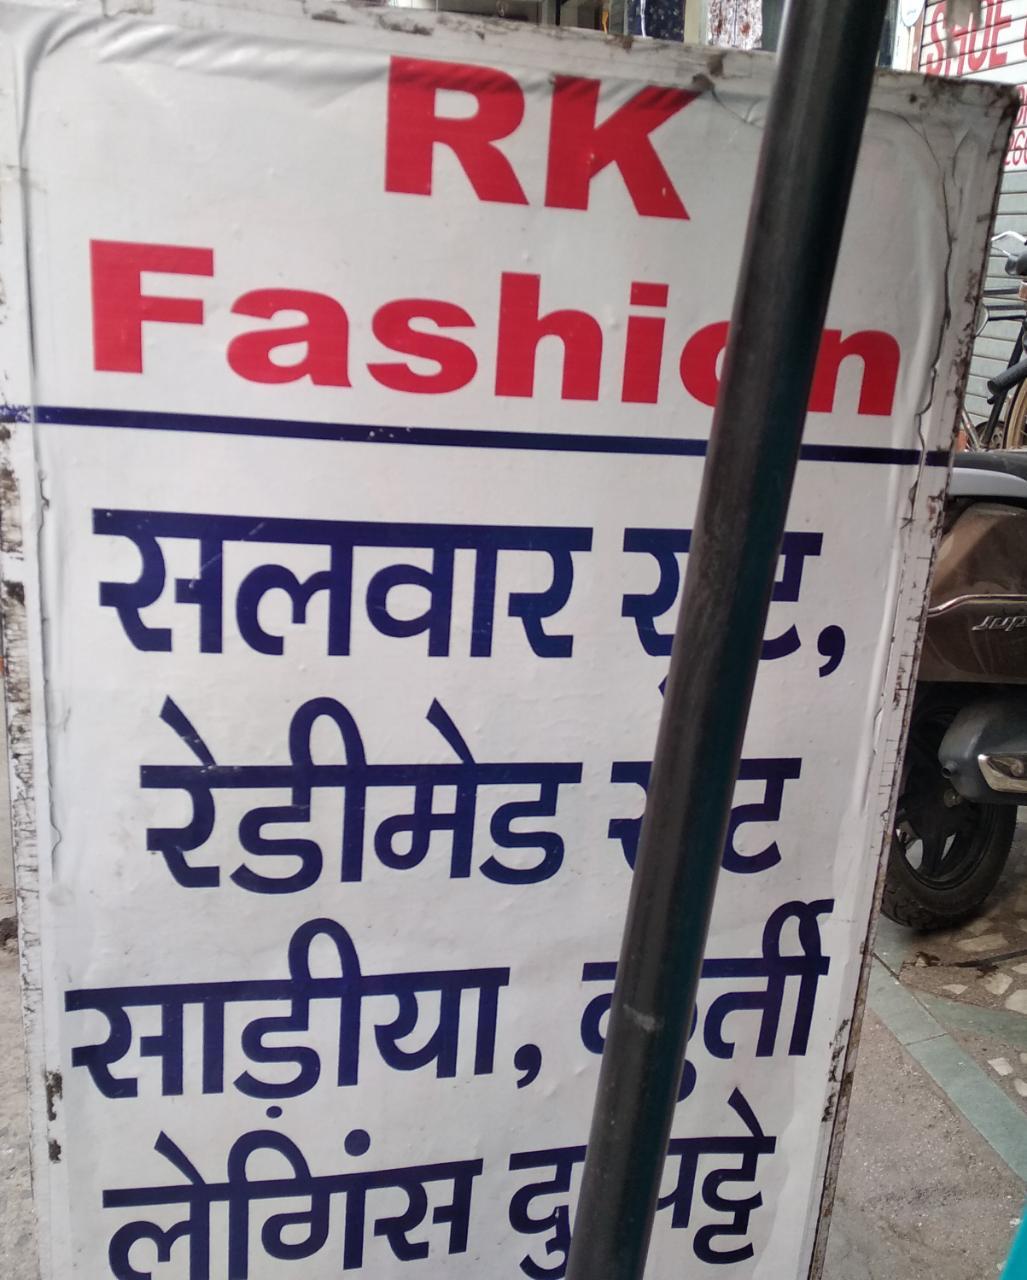 Rk fashion